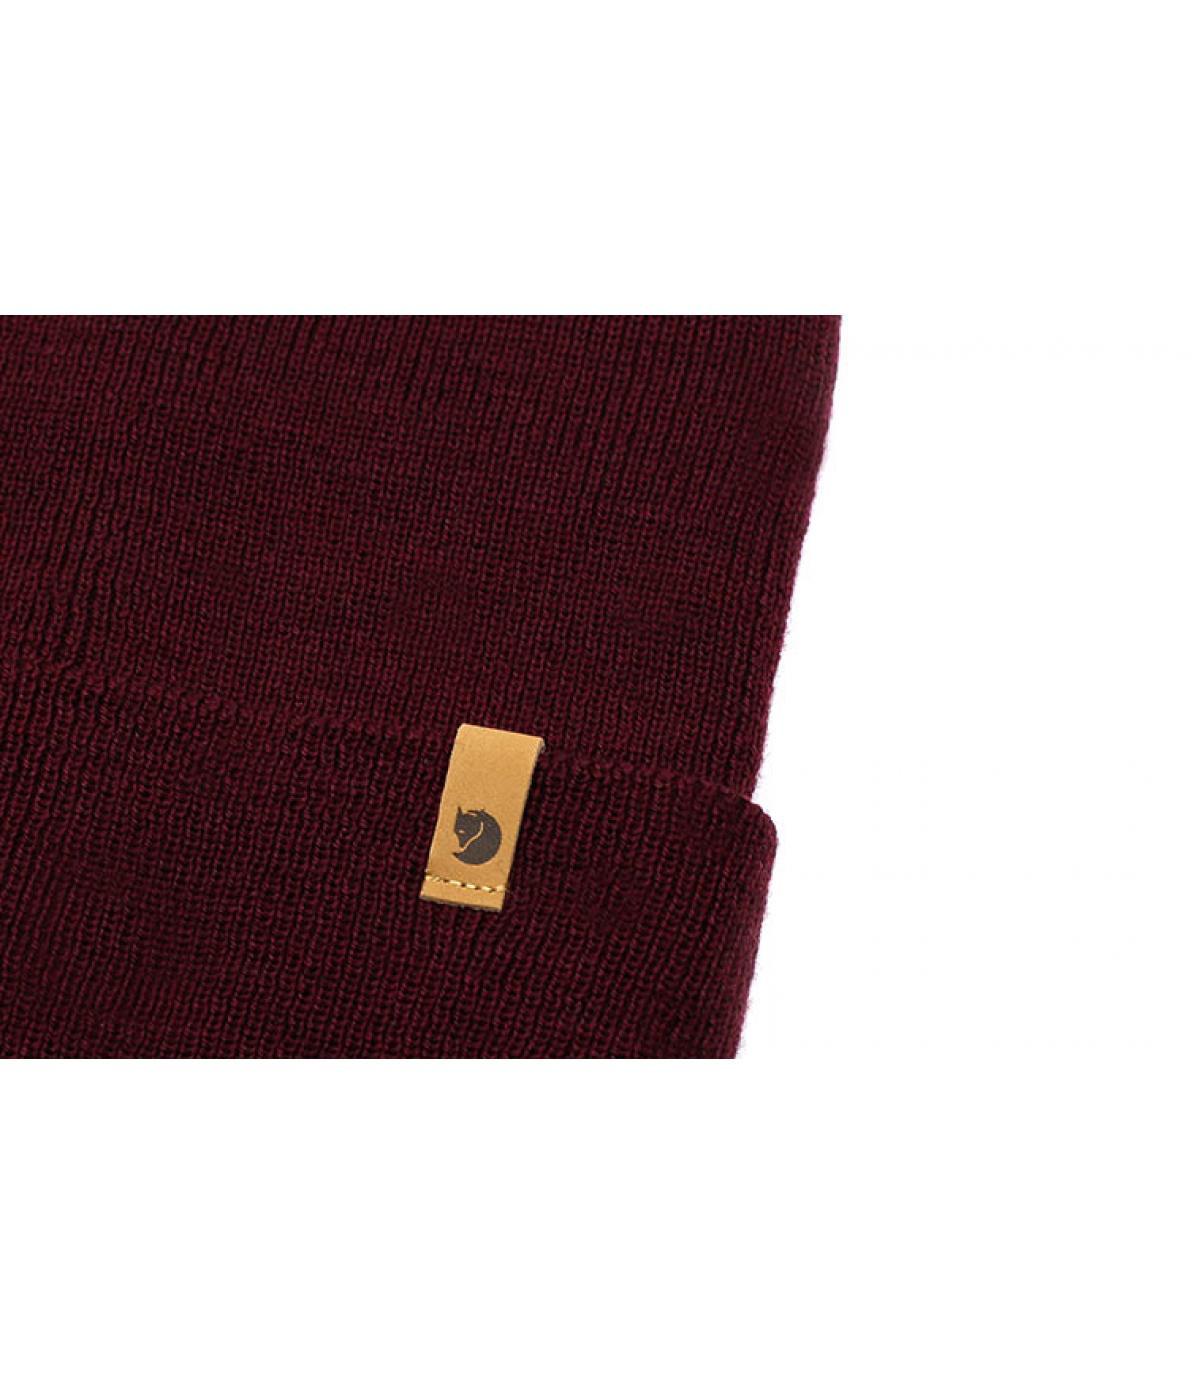 Détails Classic Knit dark garnet - image 3